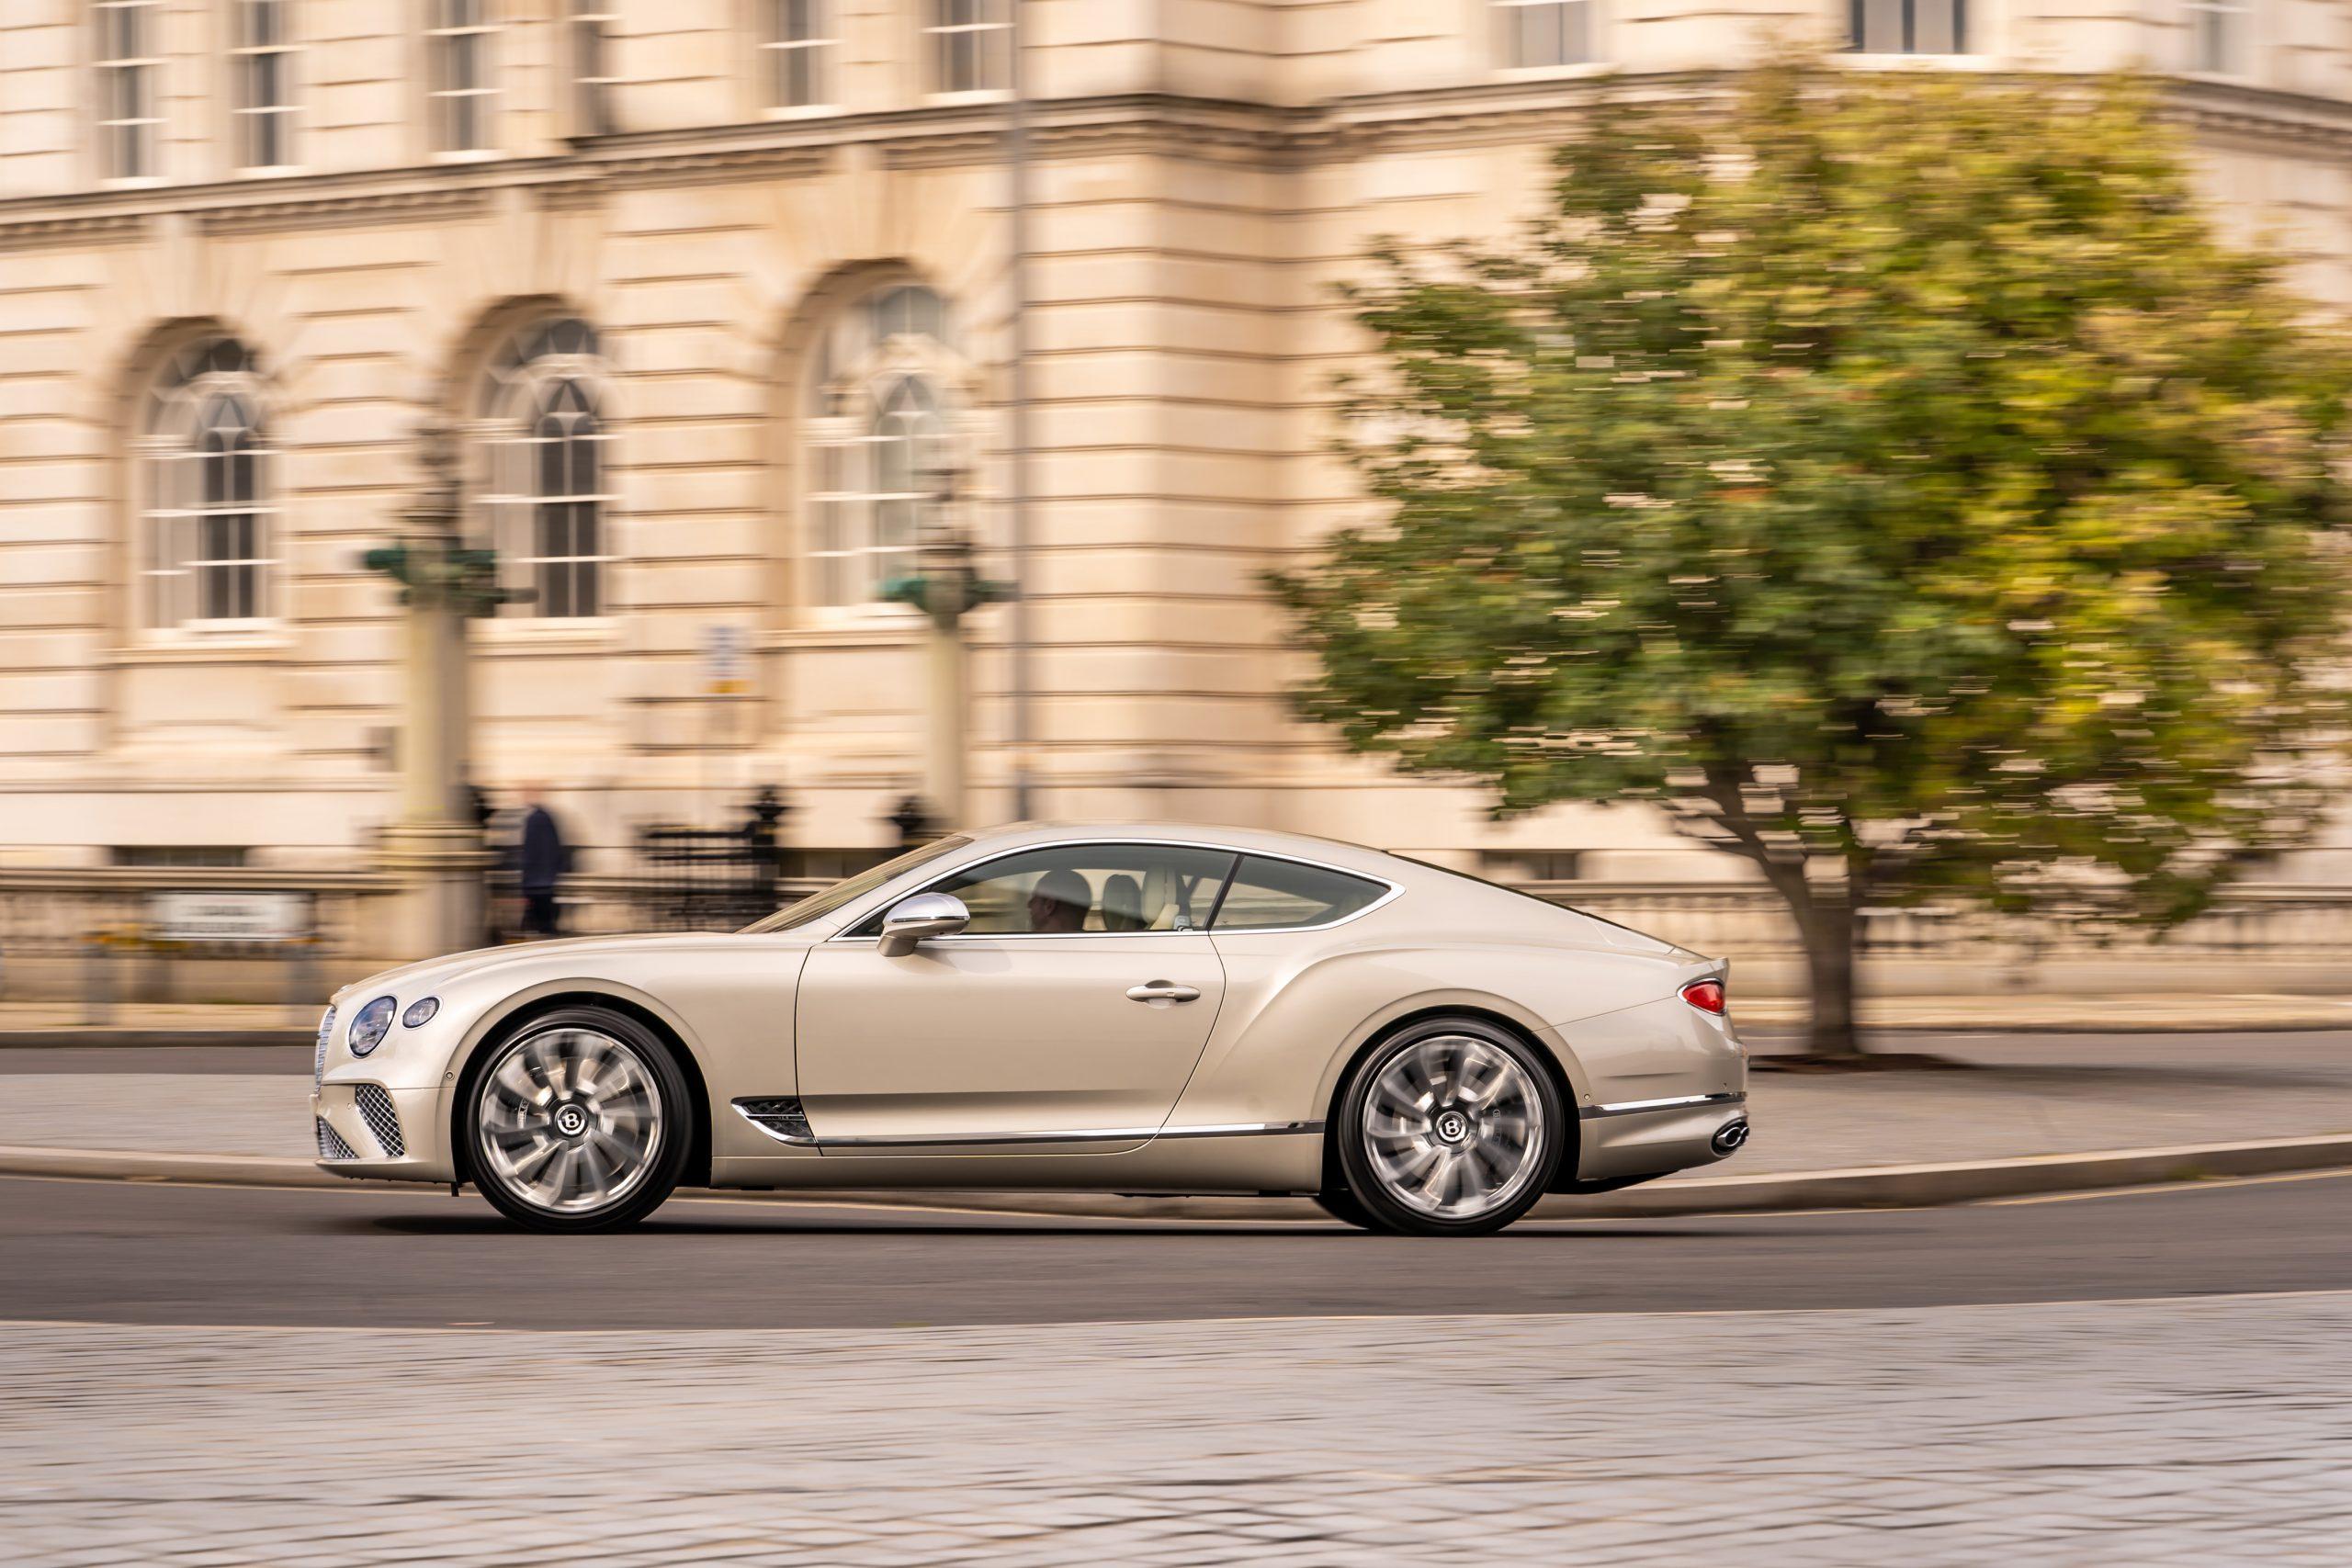 Bentley GT Mulliner side profile dynamic action